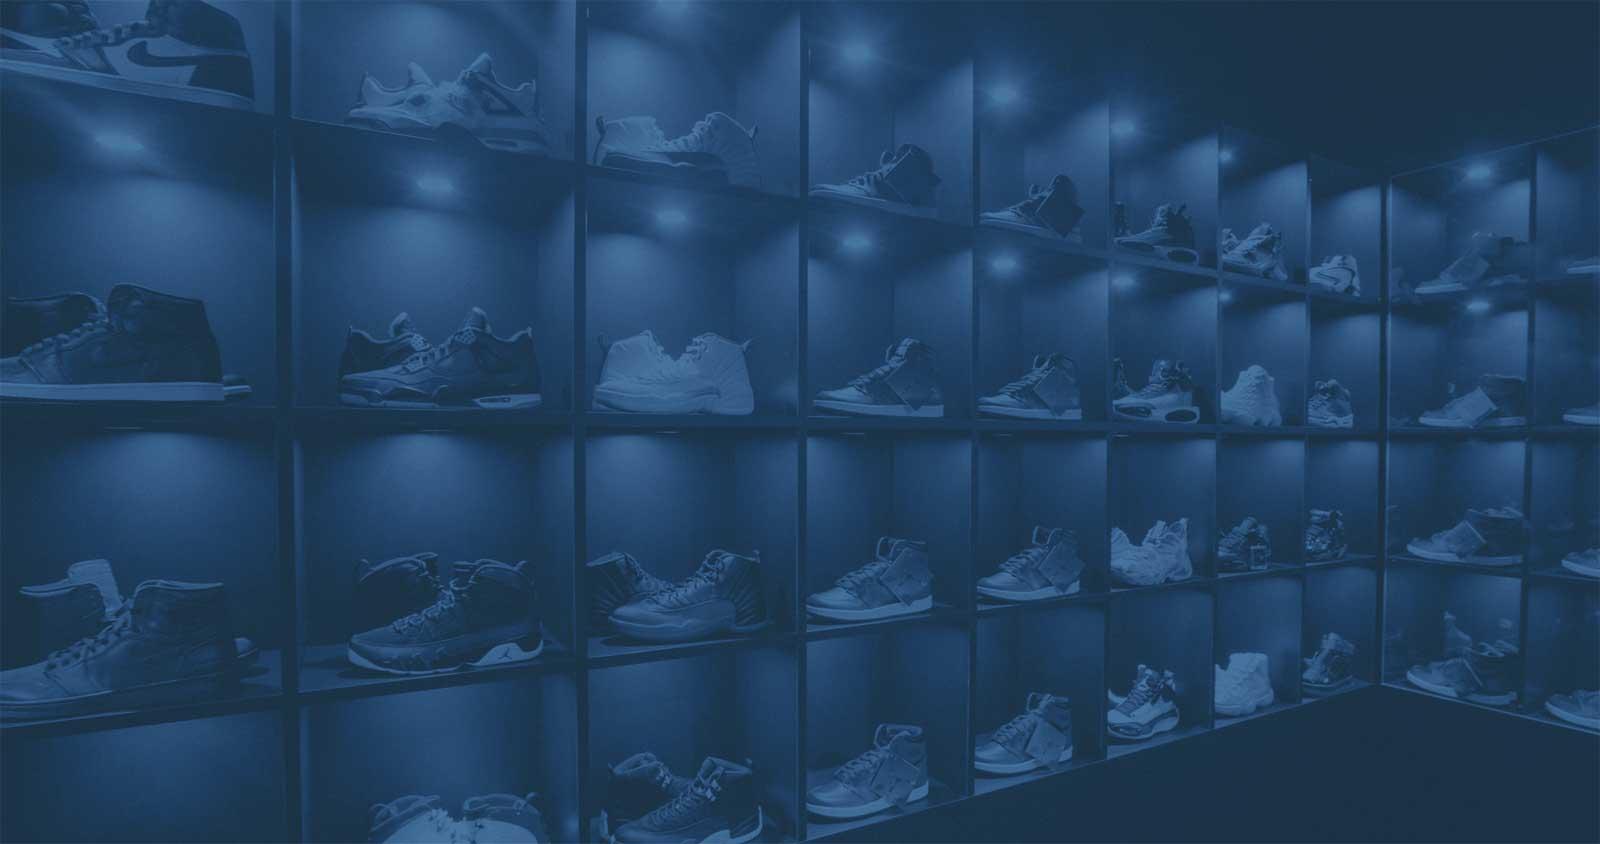 Nike Jordan Store Retail Design Chicago